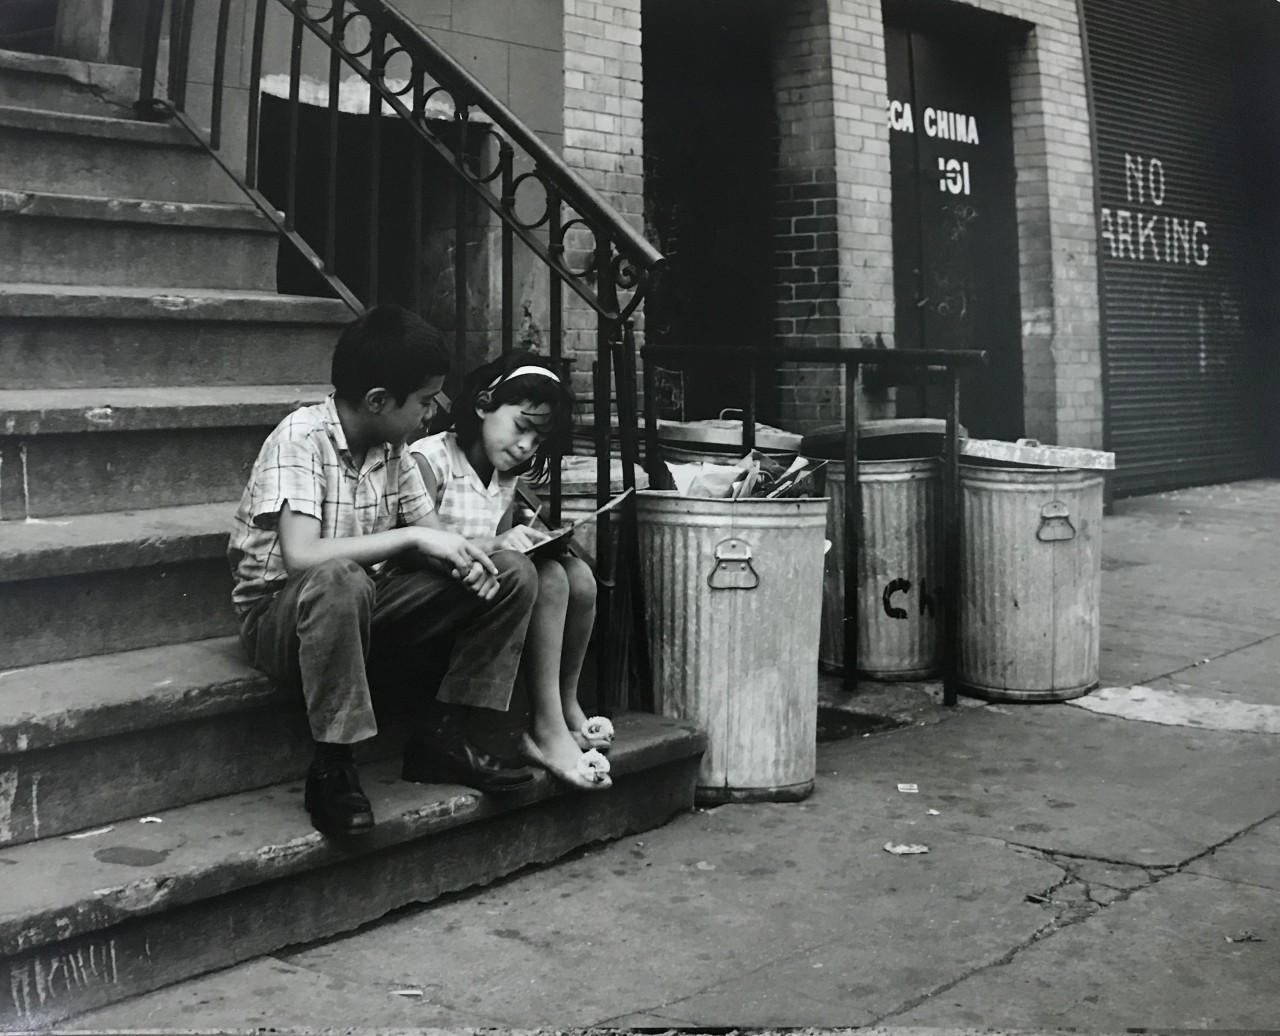 O CGAC presenta a exposición 'Nueva York Amarga' sobre o libro inconcluso do escritor con fotografías de Carles Fonseré